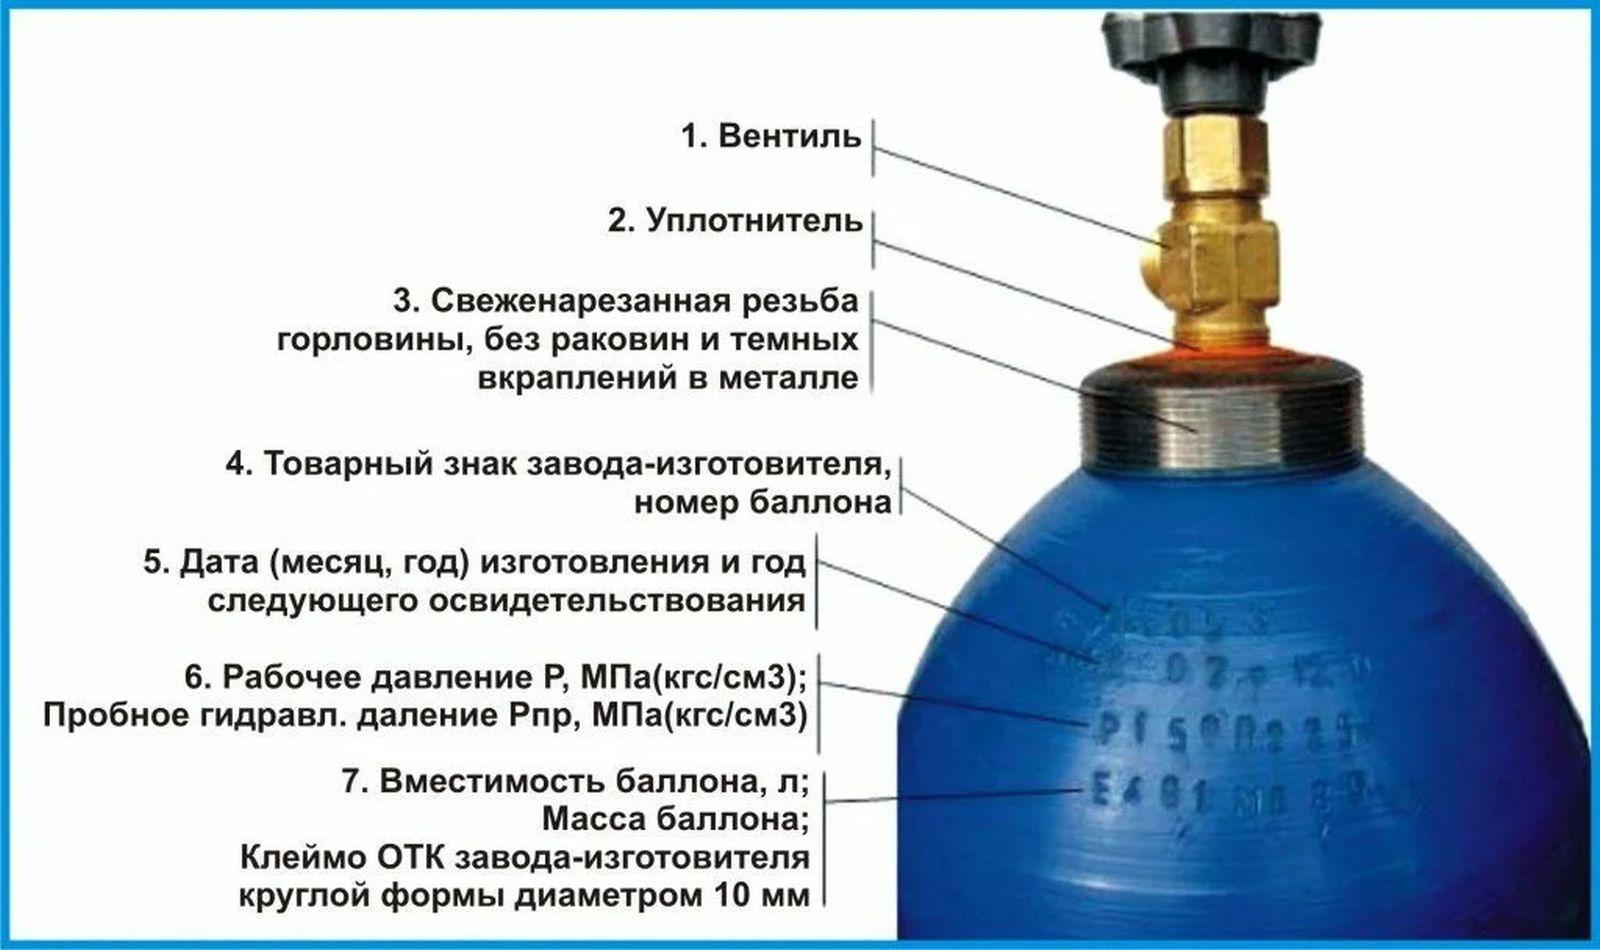 Срок действия поверки на манометрах. поверка манометров в газовых редукторах. нужно ли делать